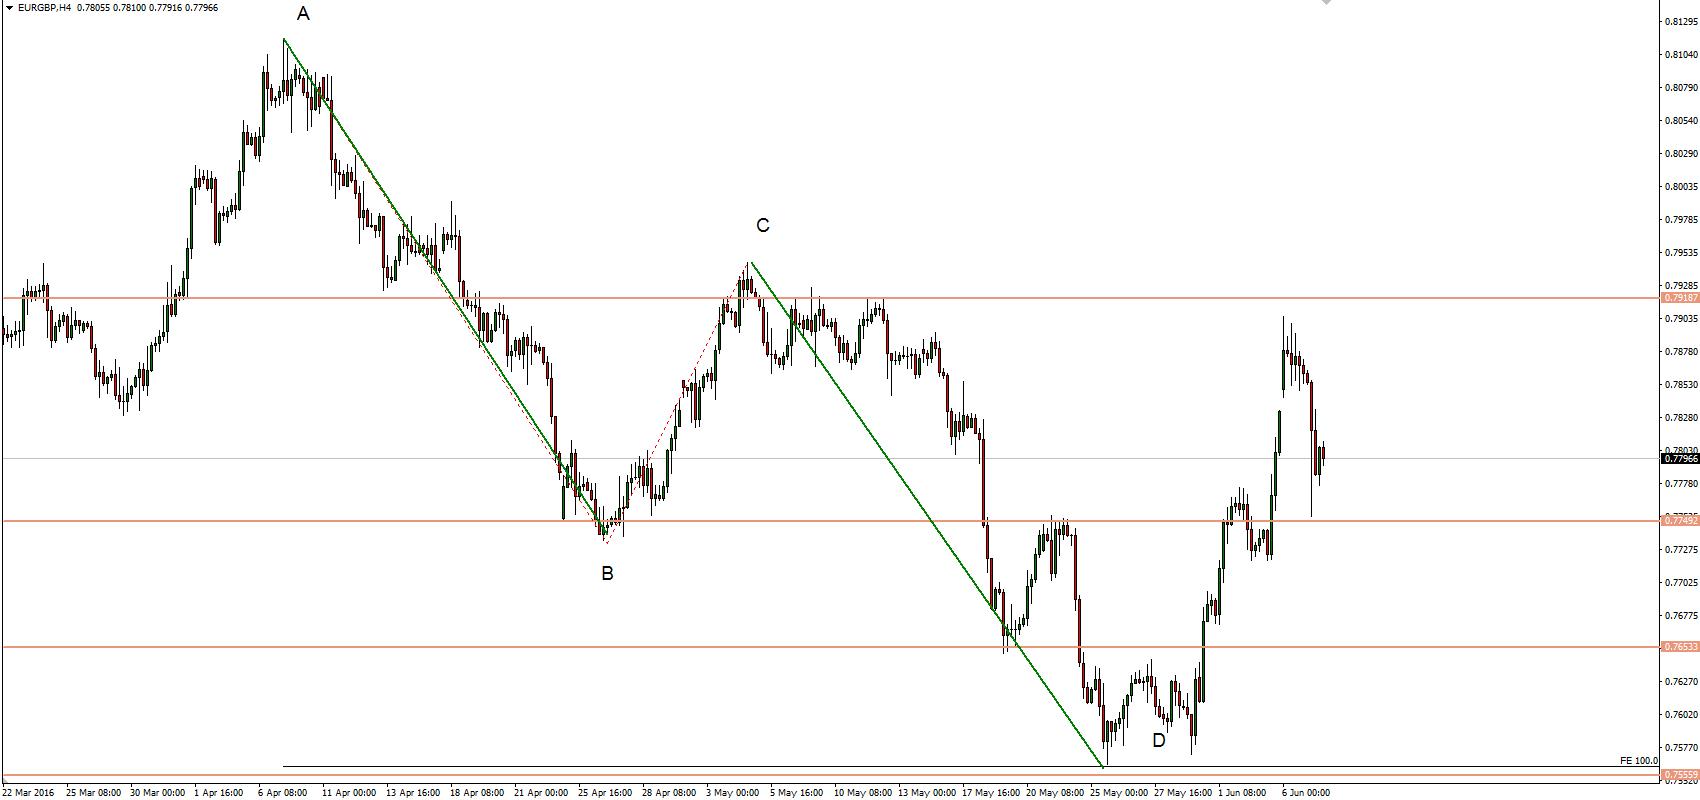 Trading harmoniczny, wykres EURGBP dla interwału H4.